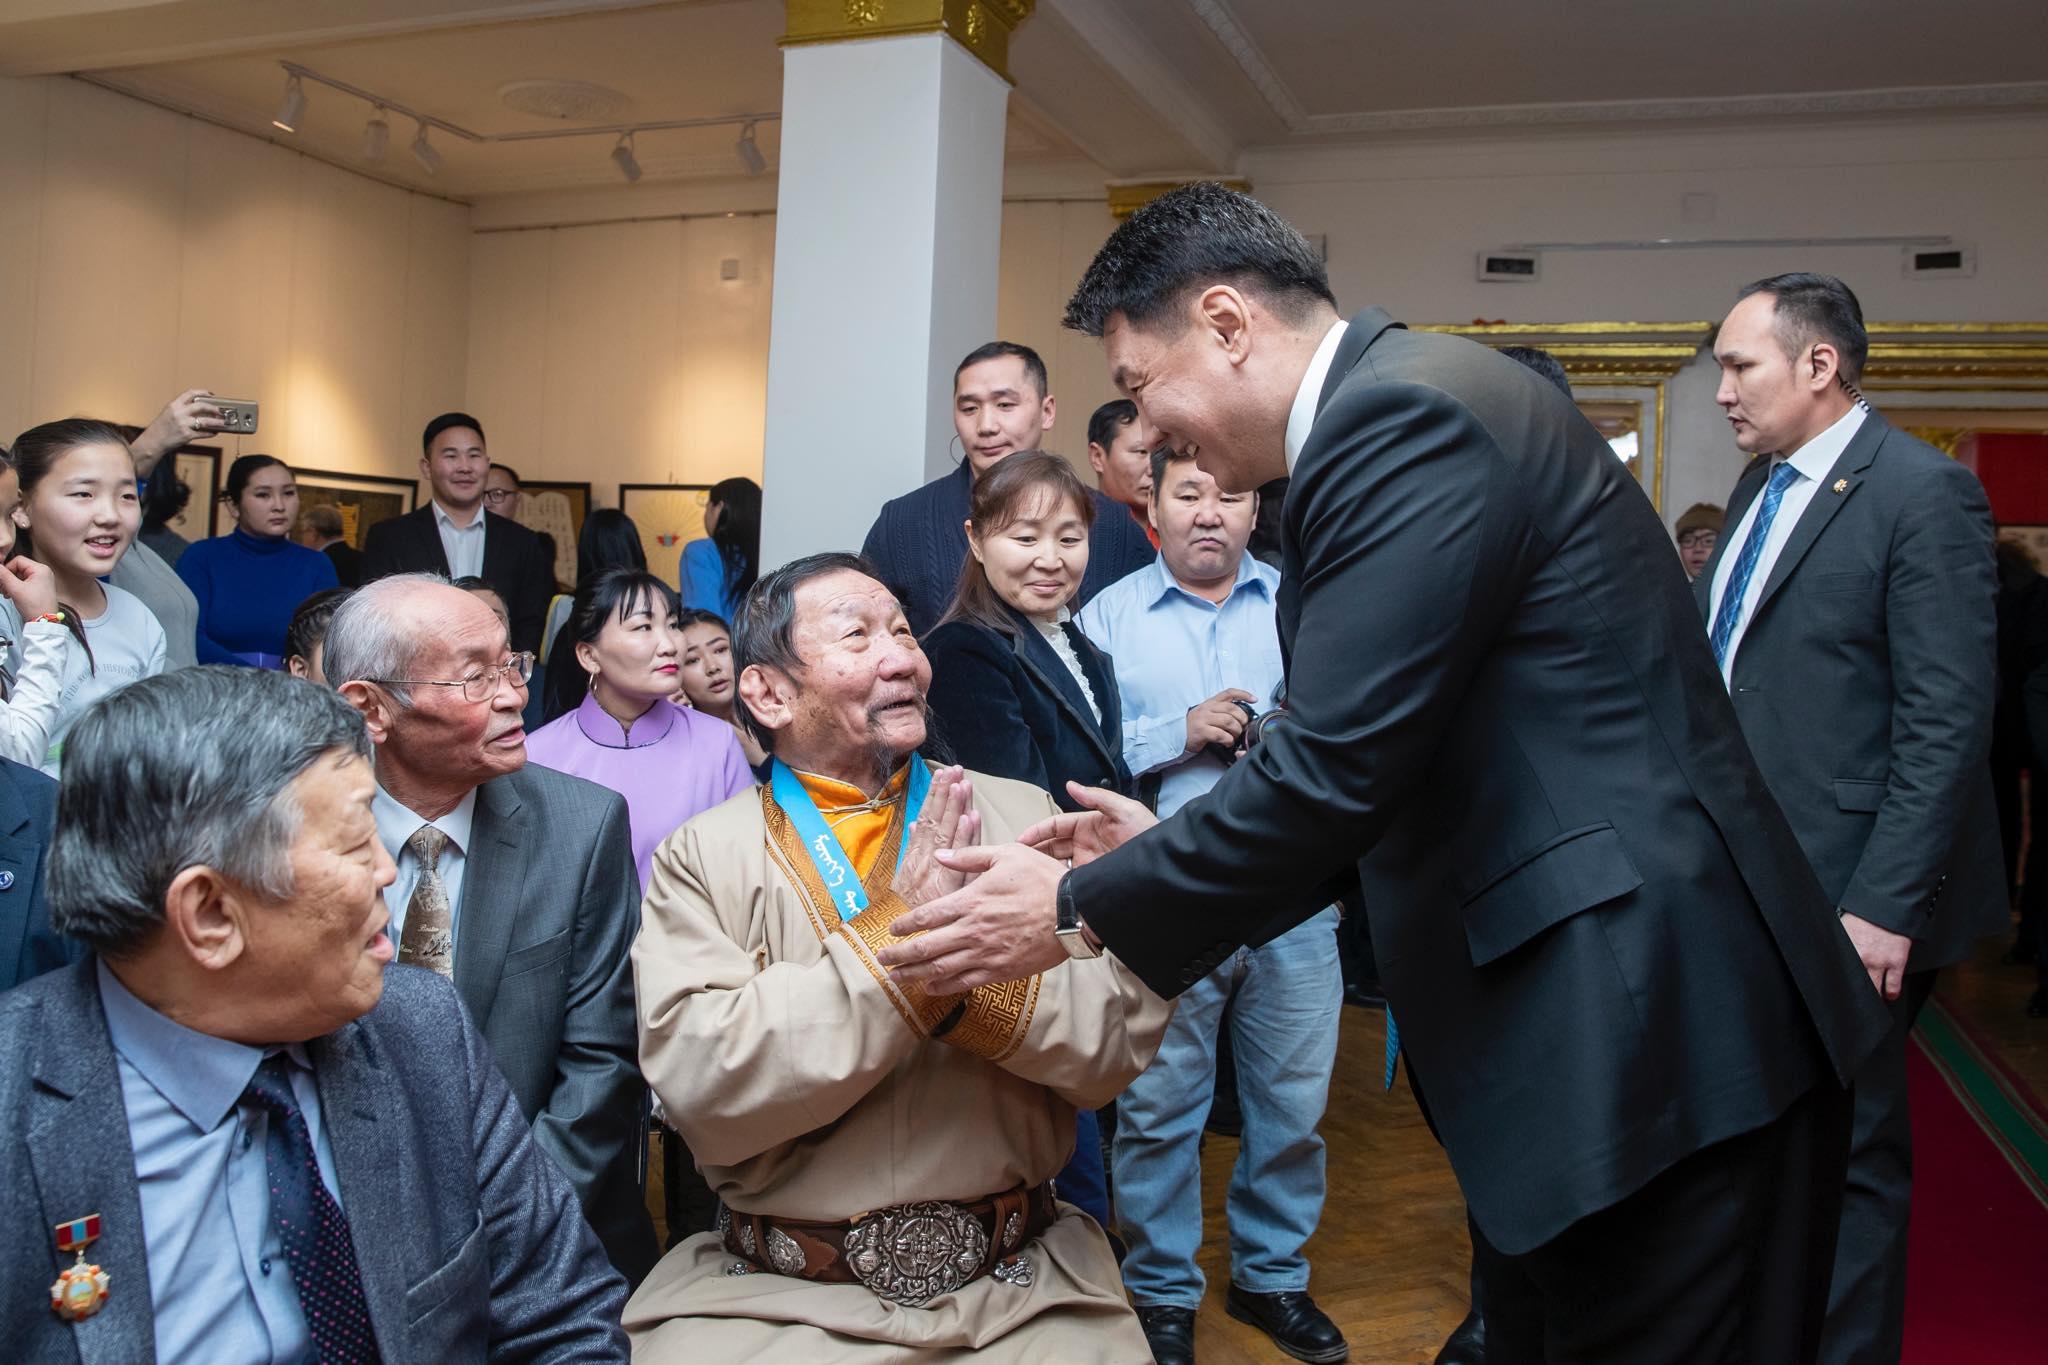 У.Хүрэлсүх: Монгол сайхан бичиг соёлоо олон түмний хүртээл болгоход Засгийн газар бүх талаар тусалж дэмжинэ